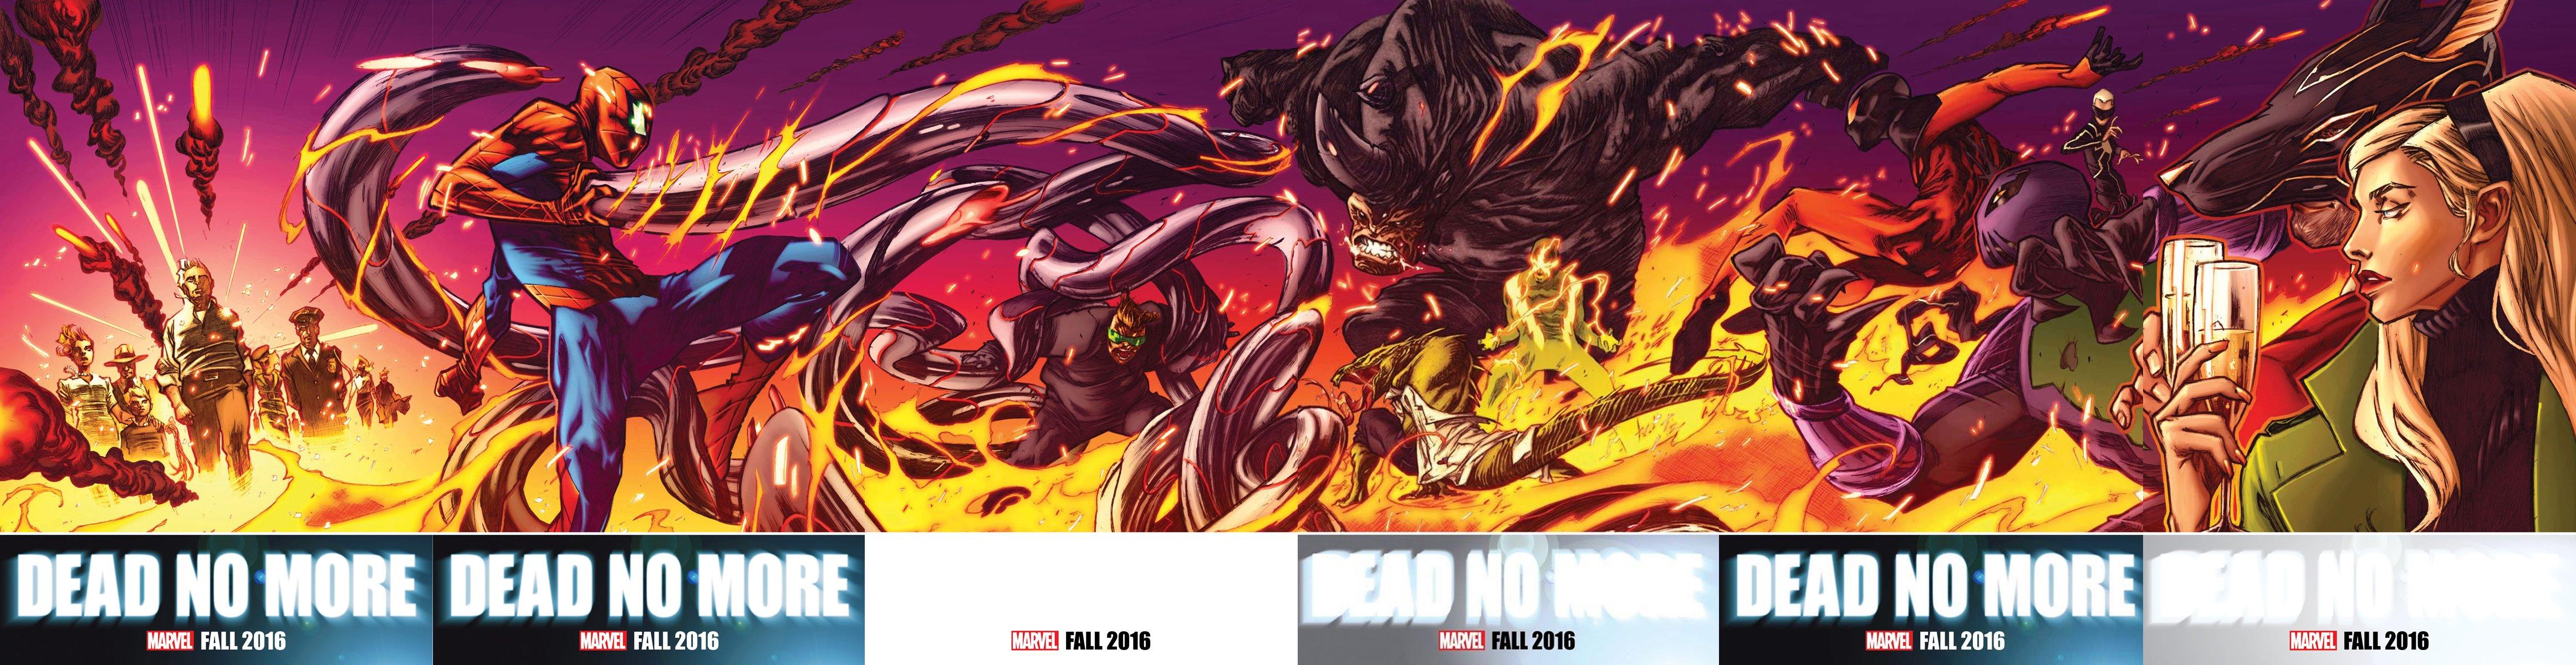 Новости комикс-индустрии от Marvel.. - Изображение 2